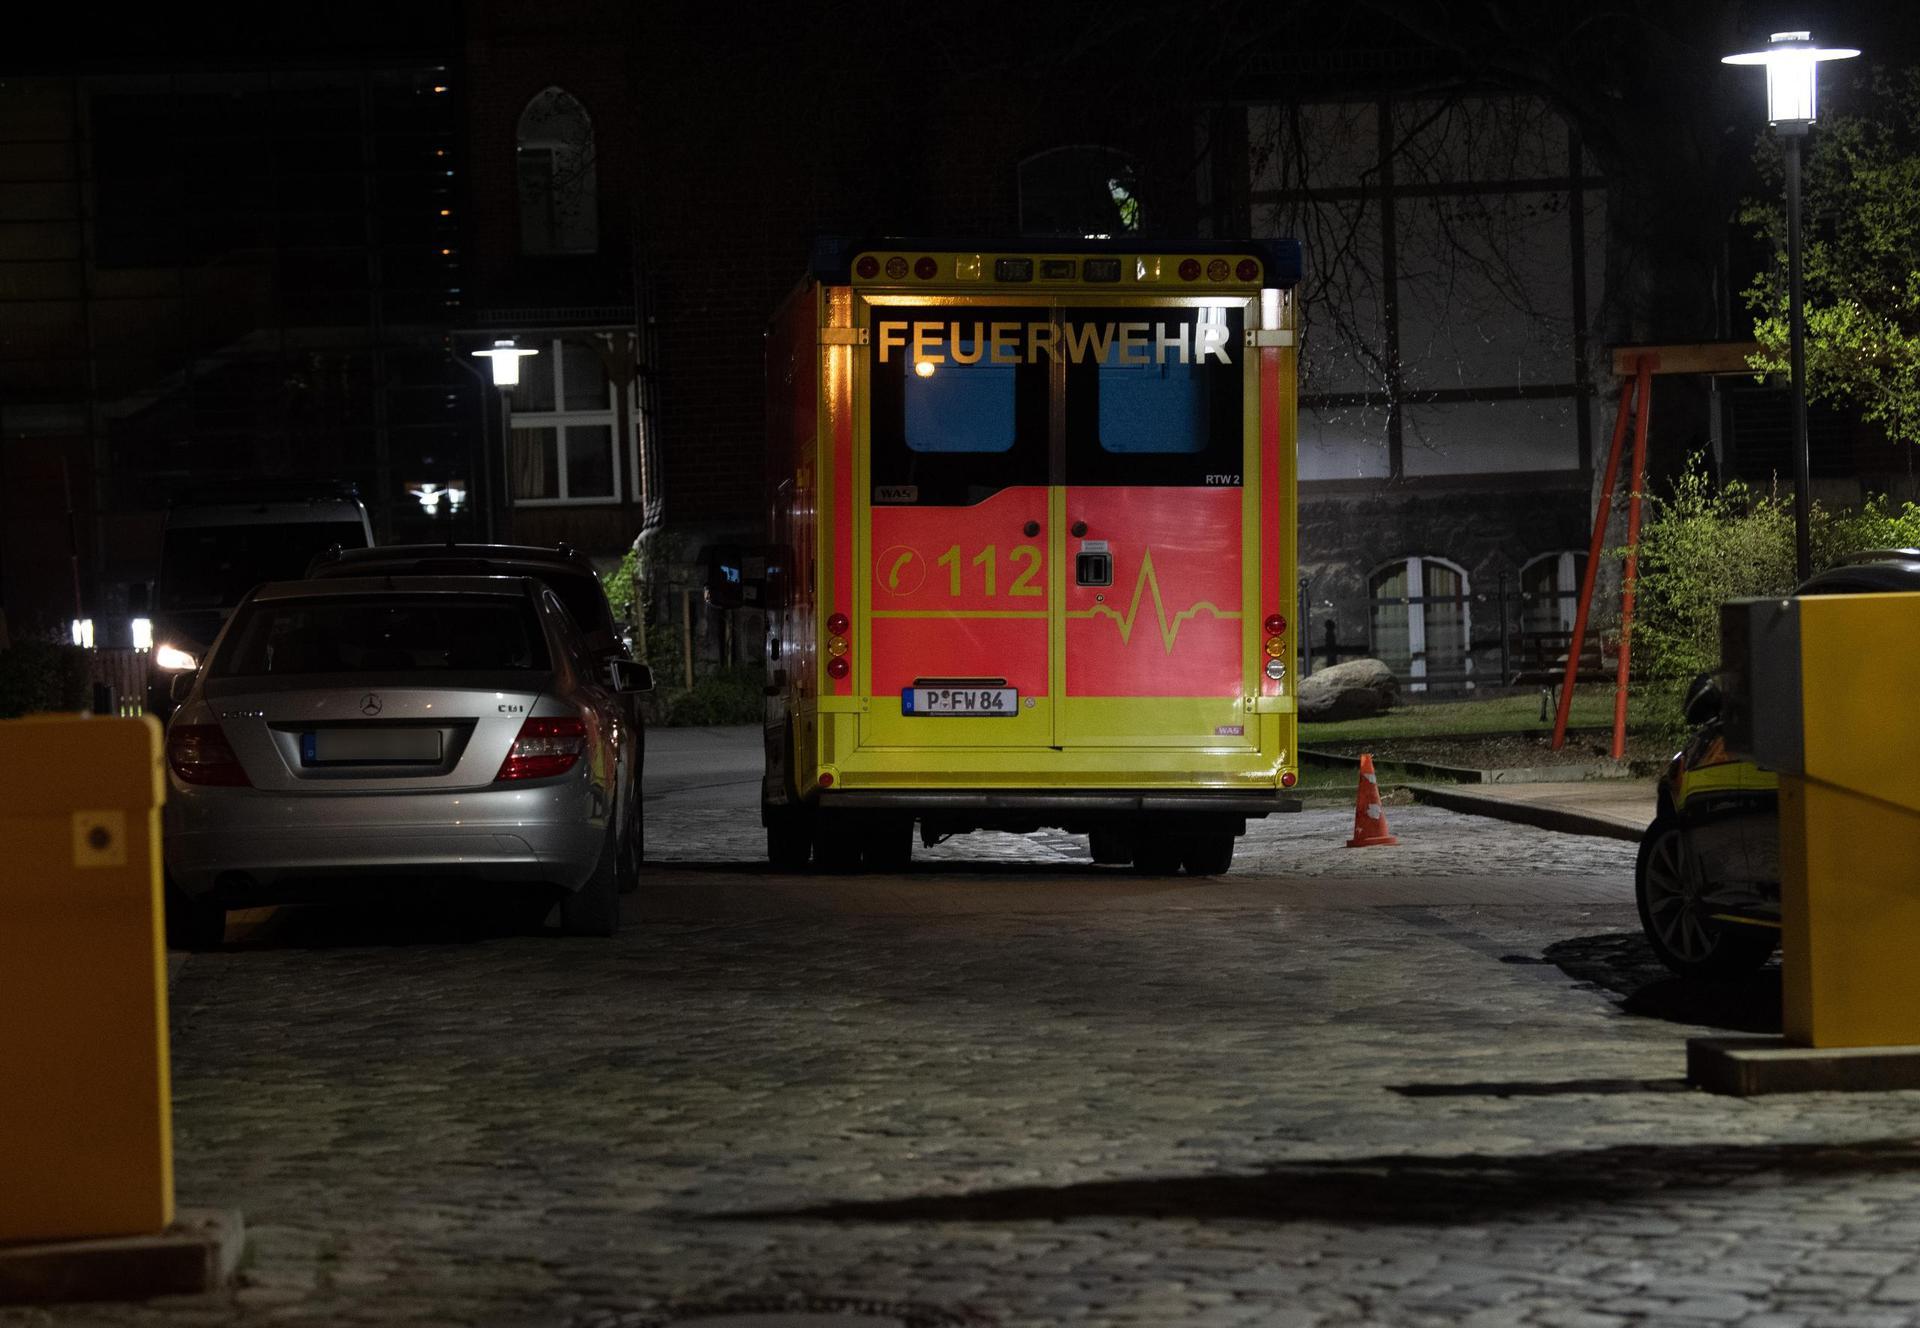 Tödliche Gewalt in Potsdamer Klinik: Vier Menschen tot Mitarbeiterin festgenommen